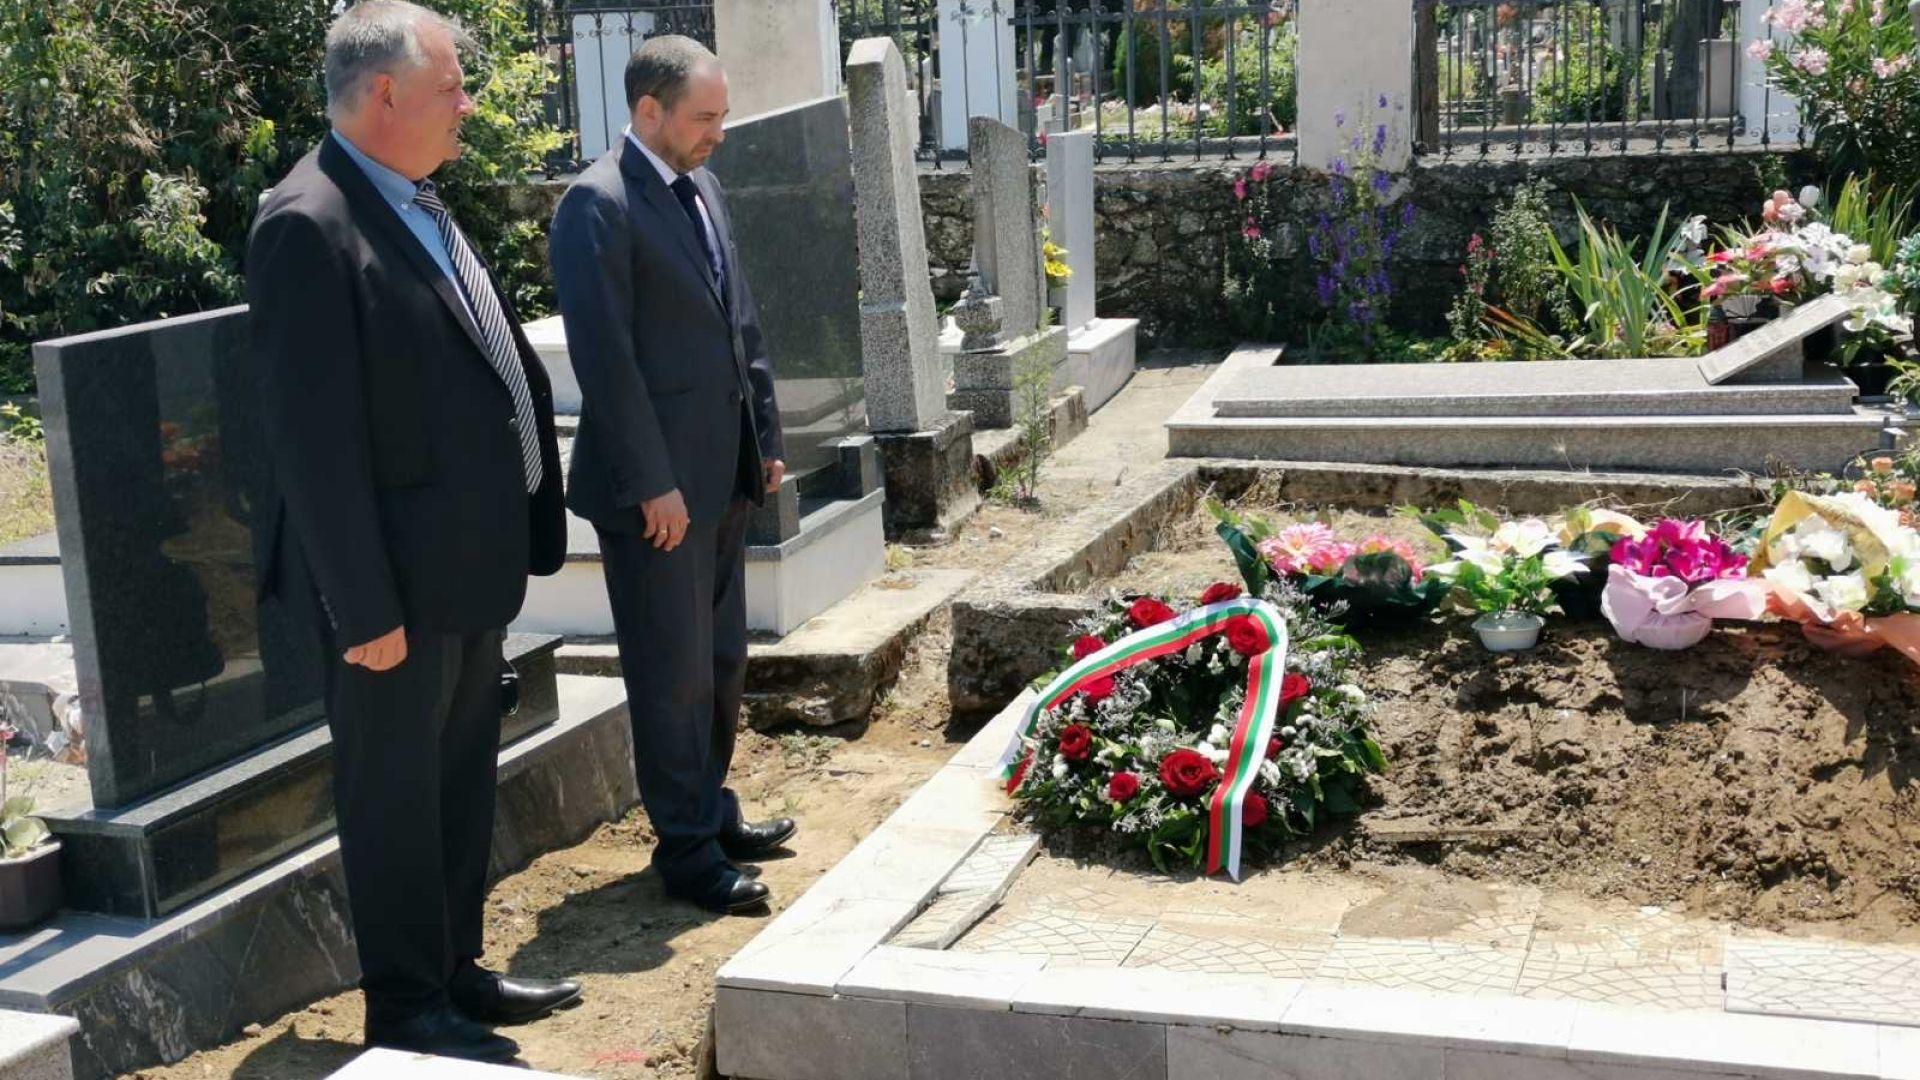 Посланикът ни в Скопие положи венец на гроба на Спаска Митрова (снимки)